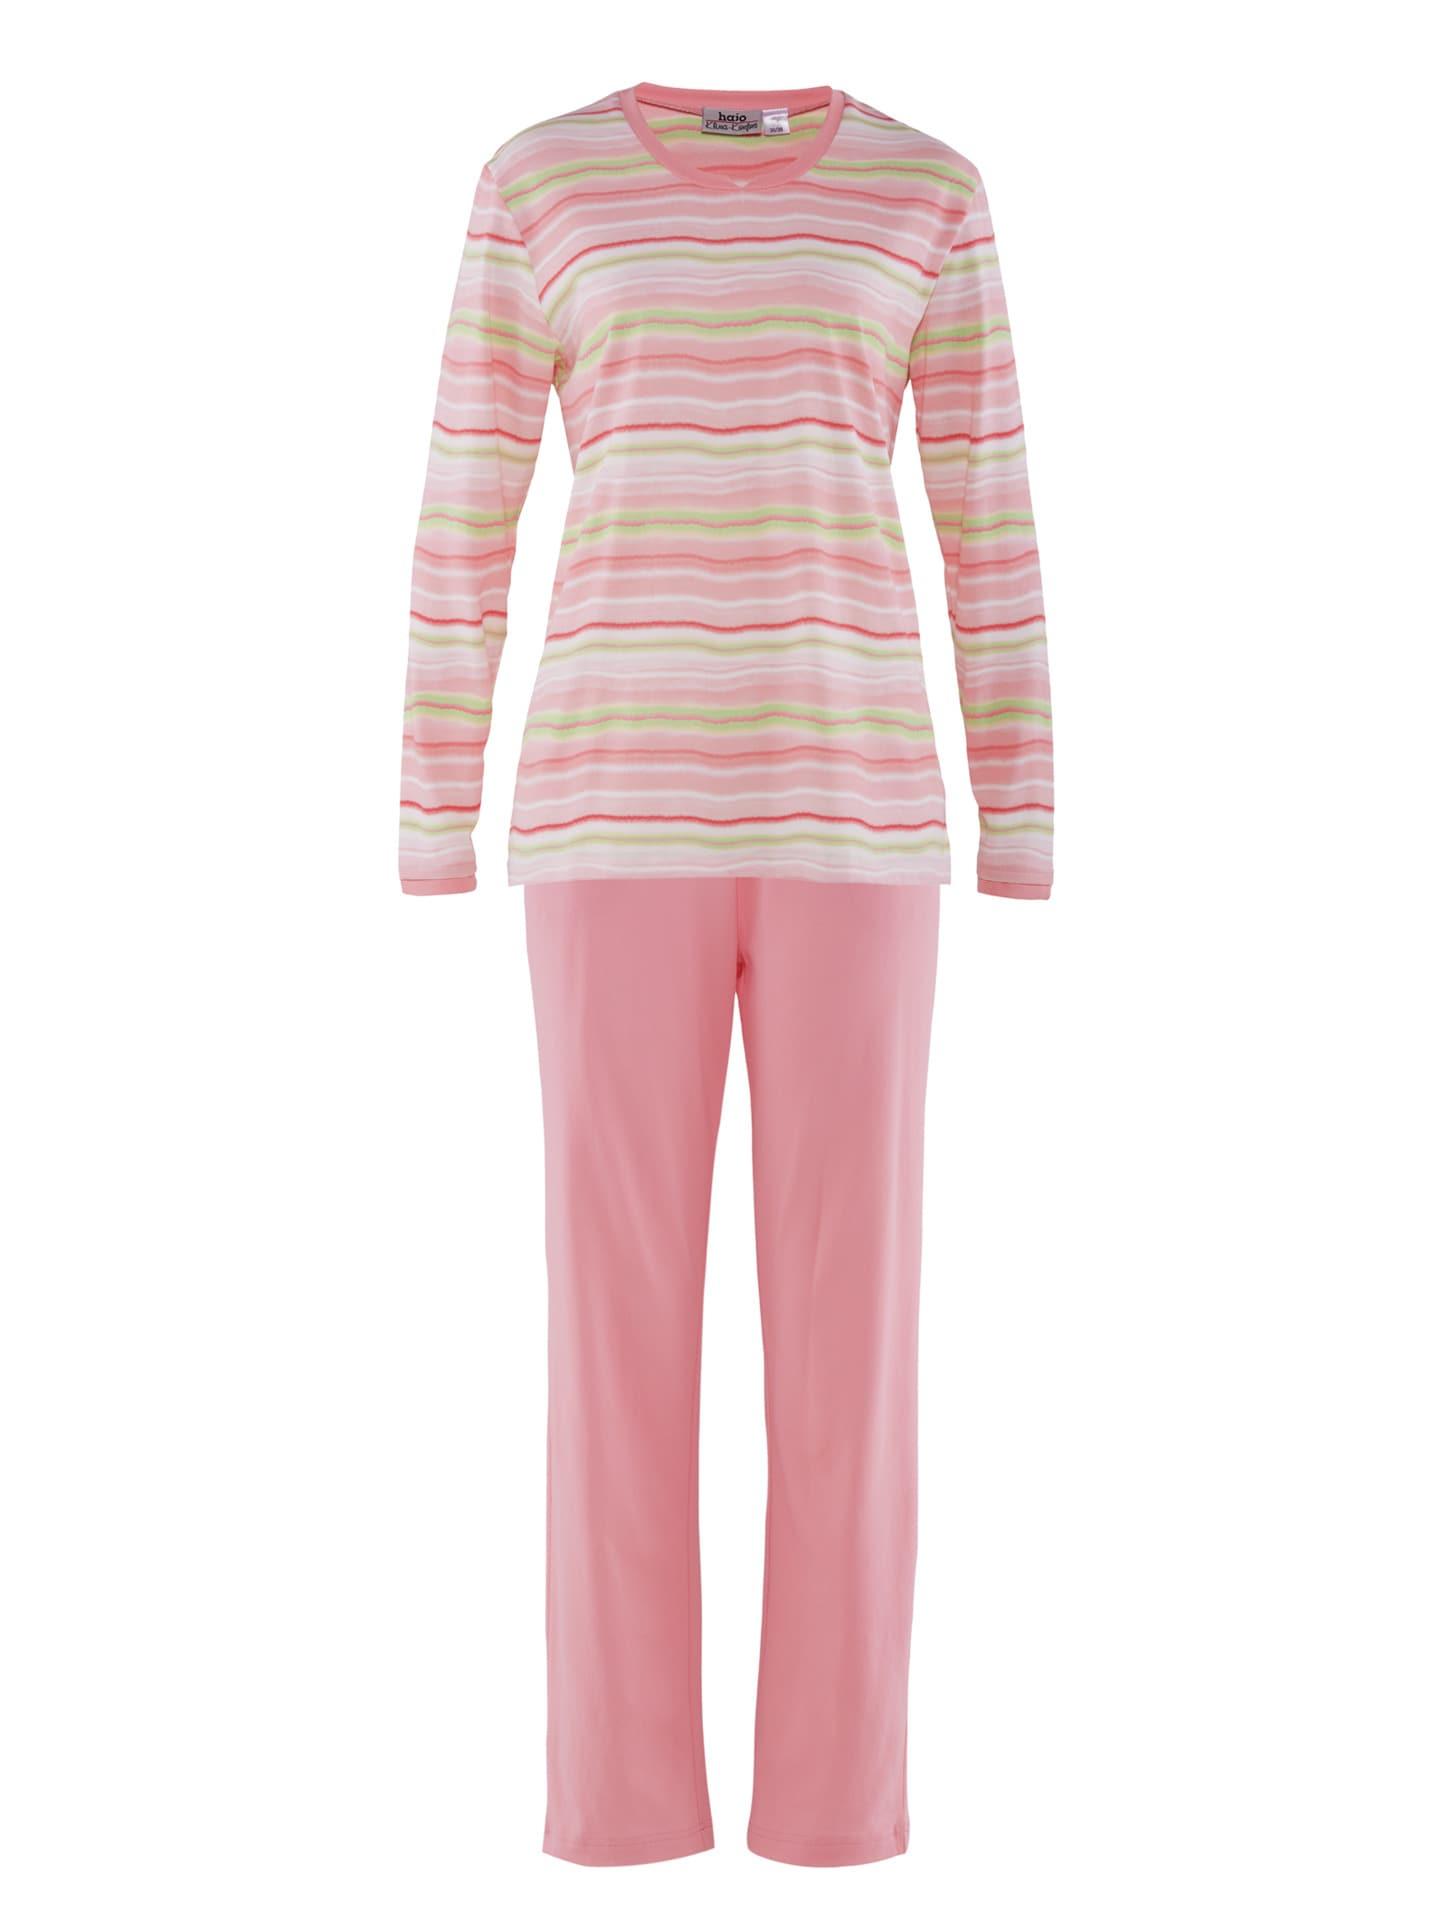 Avena Damen Pyjama Rot gestreift 42-6408-4_MV8880